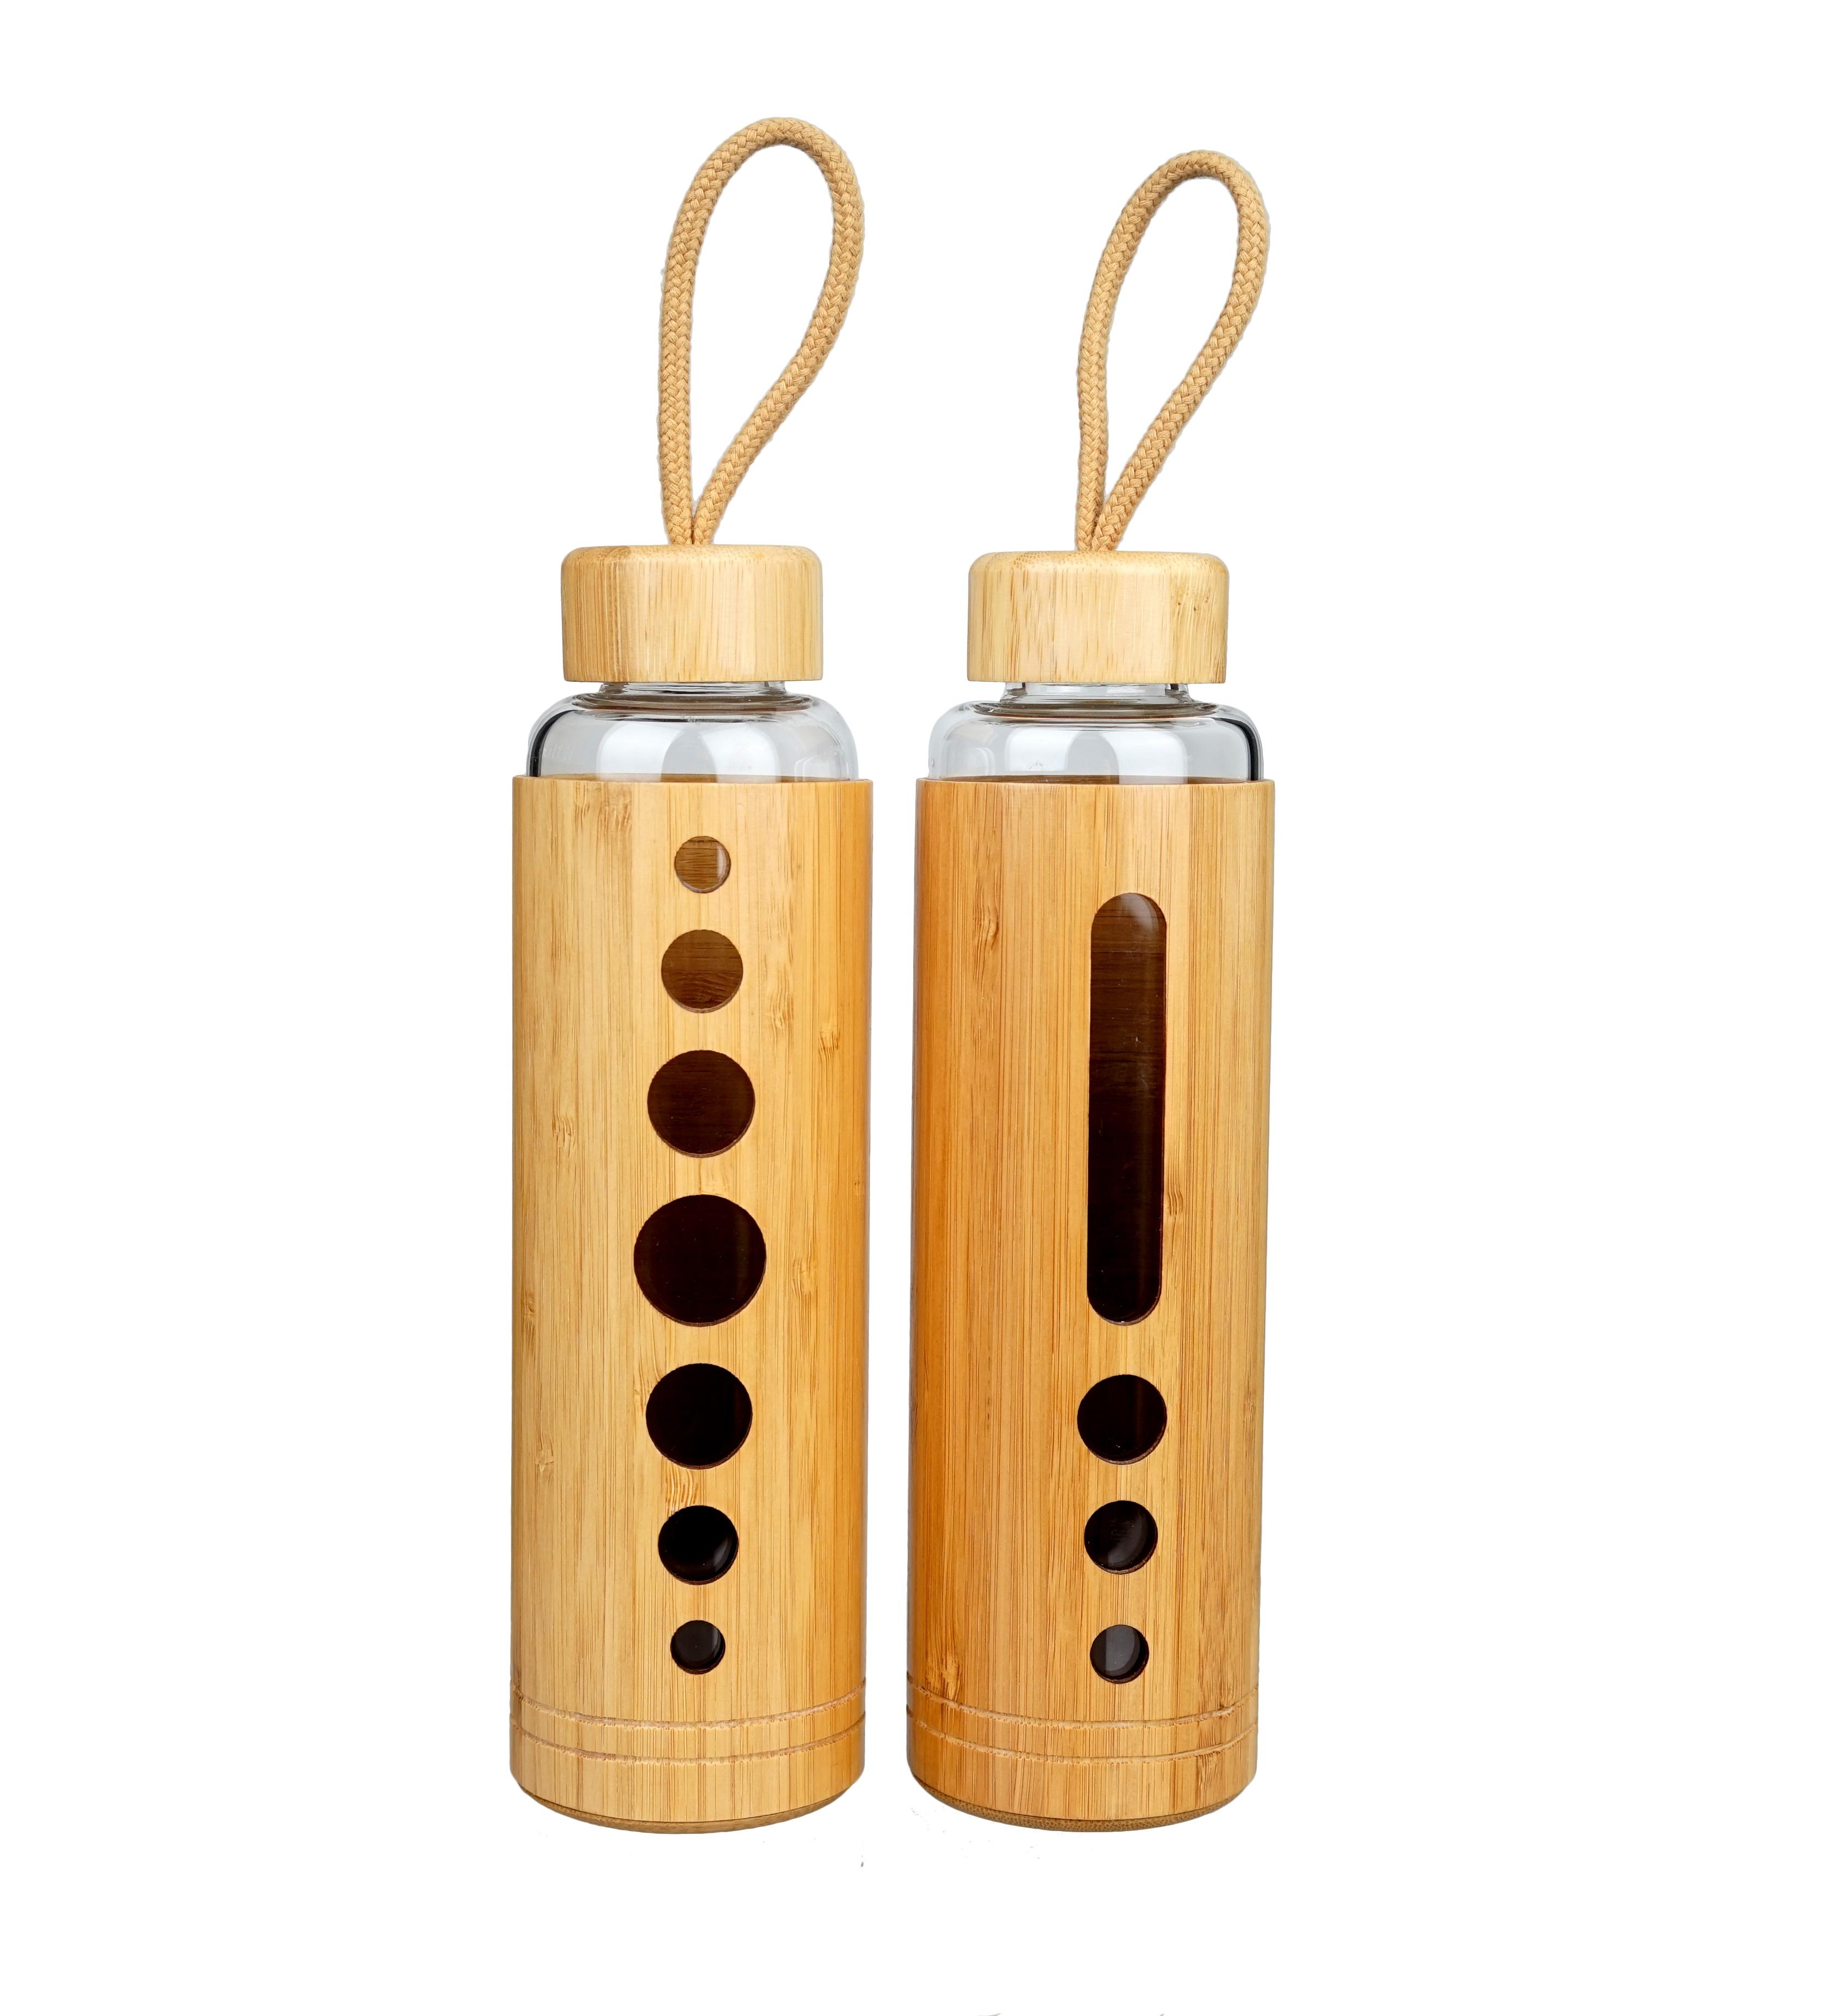 חדש עיצוב 500ml כפול קיר גבוהה בורוסיליקט זכוכית מים בקבוק עם במבוק שרוול